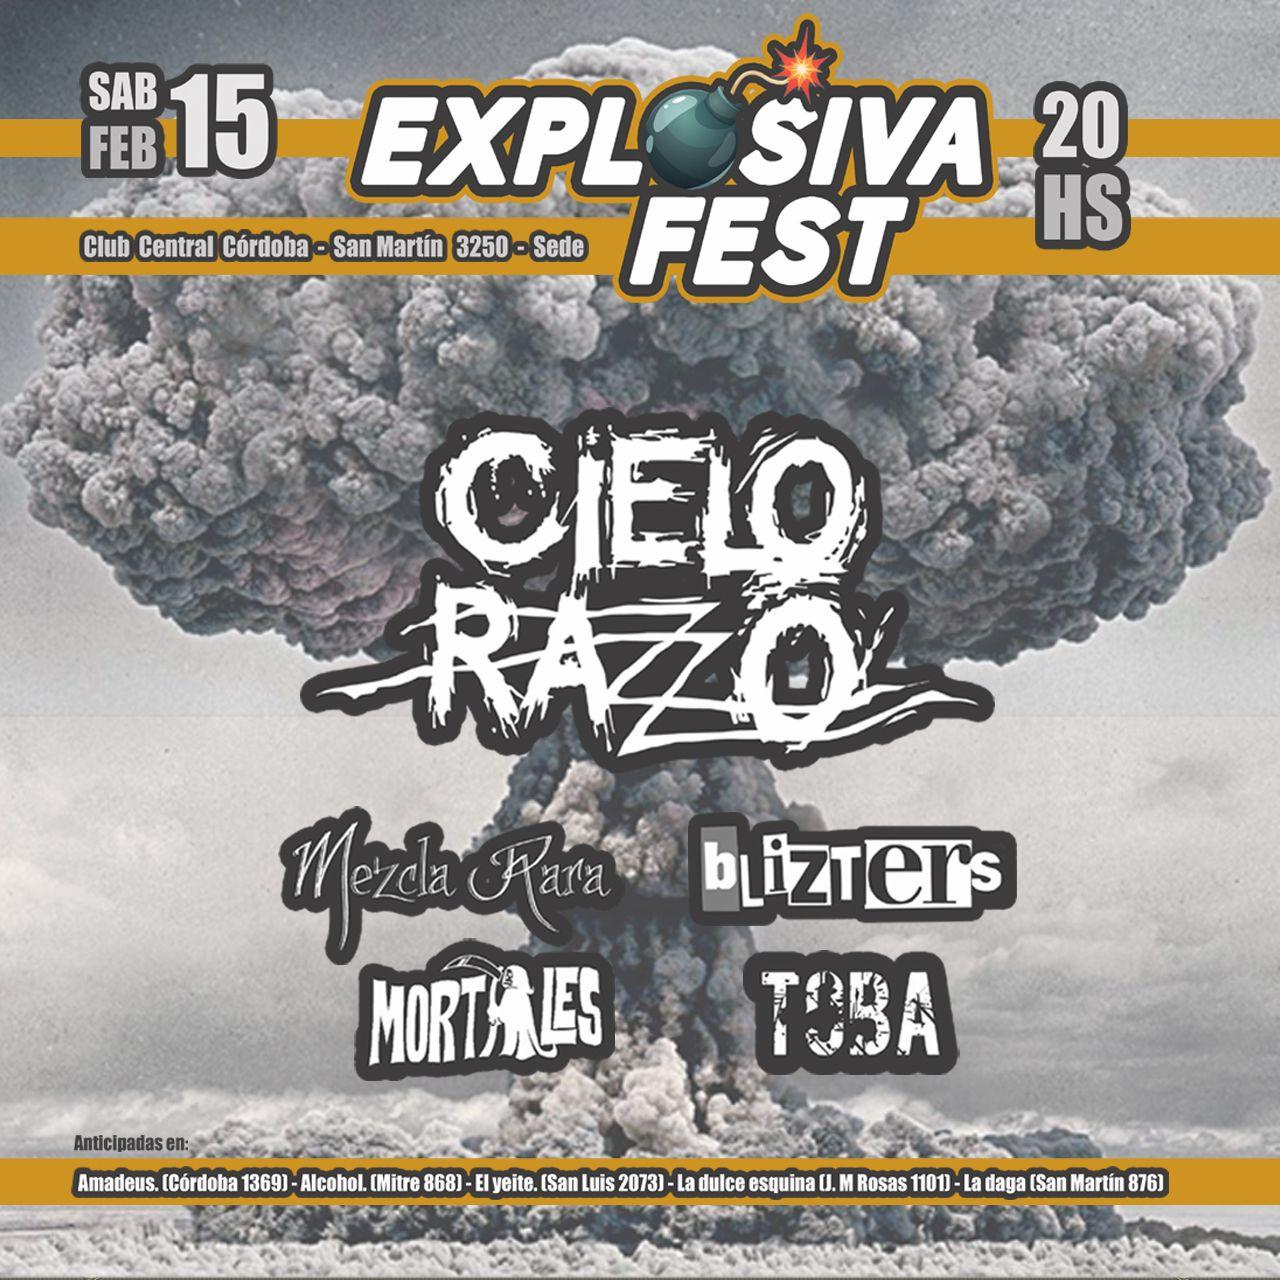 Explosiva Fest ¡Segunda Edición!